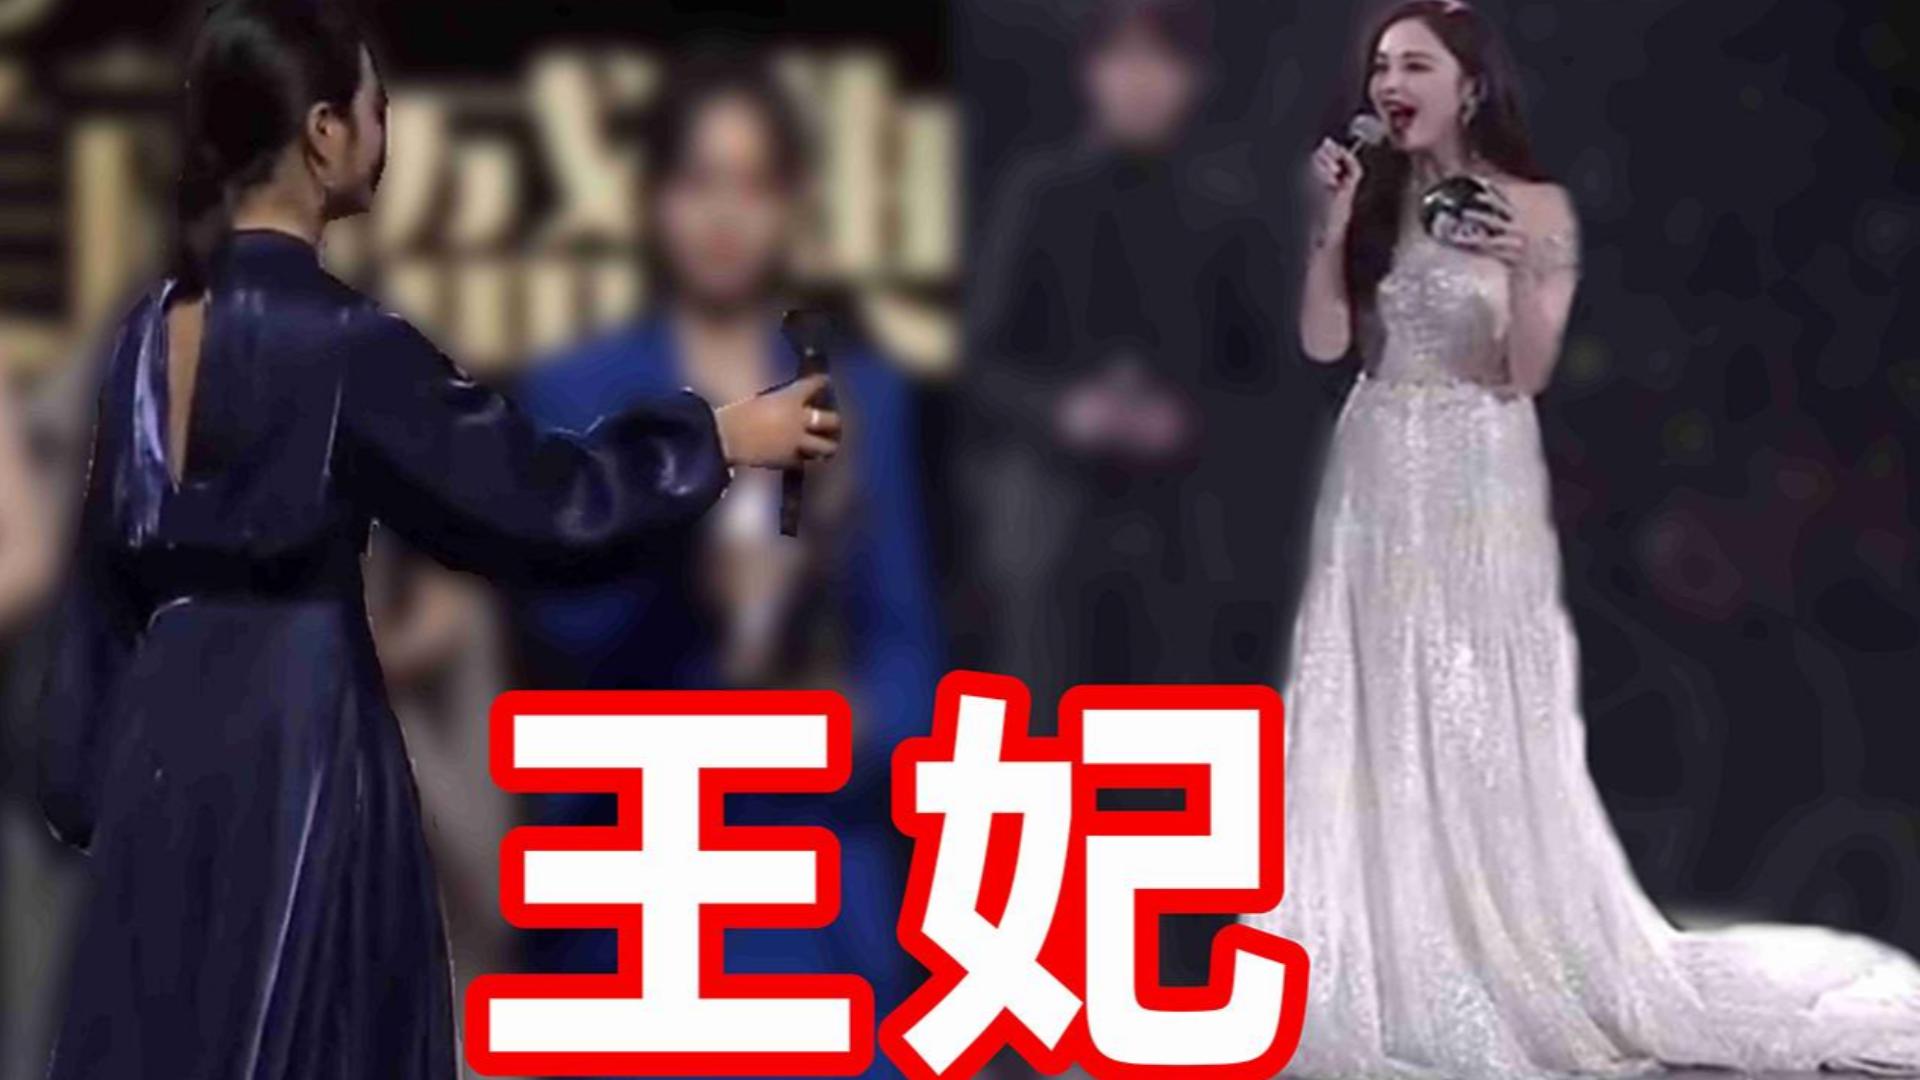 【古力娜扎&朱丹】王妃